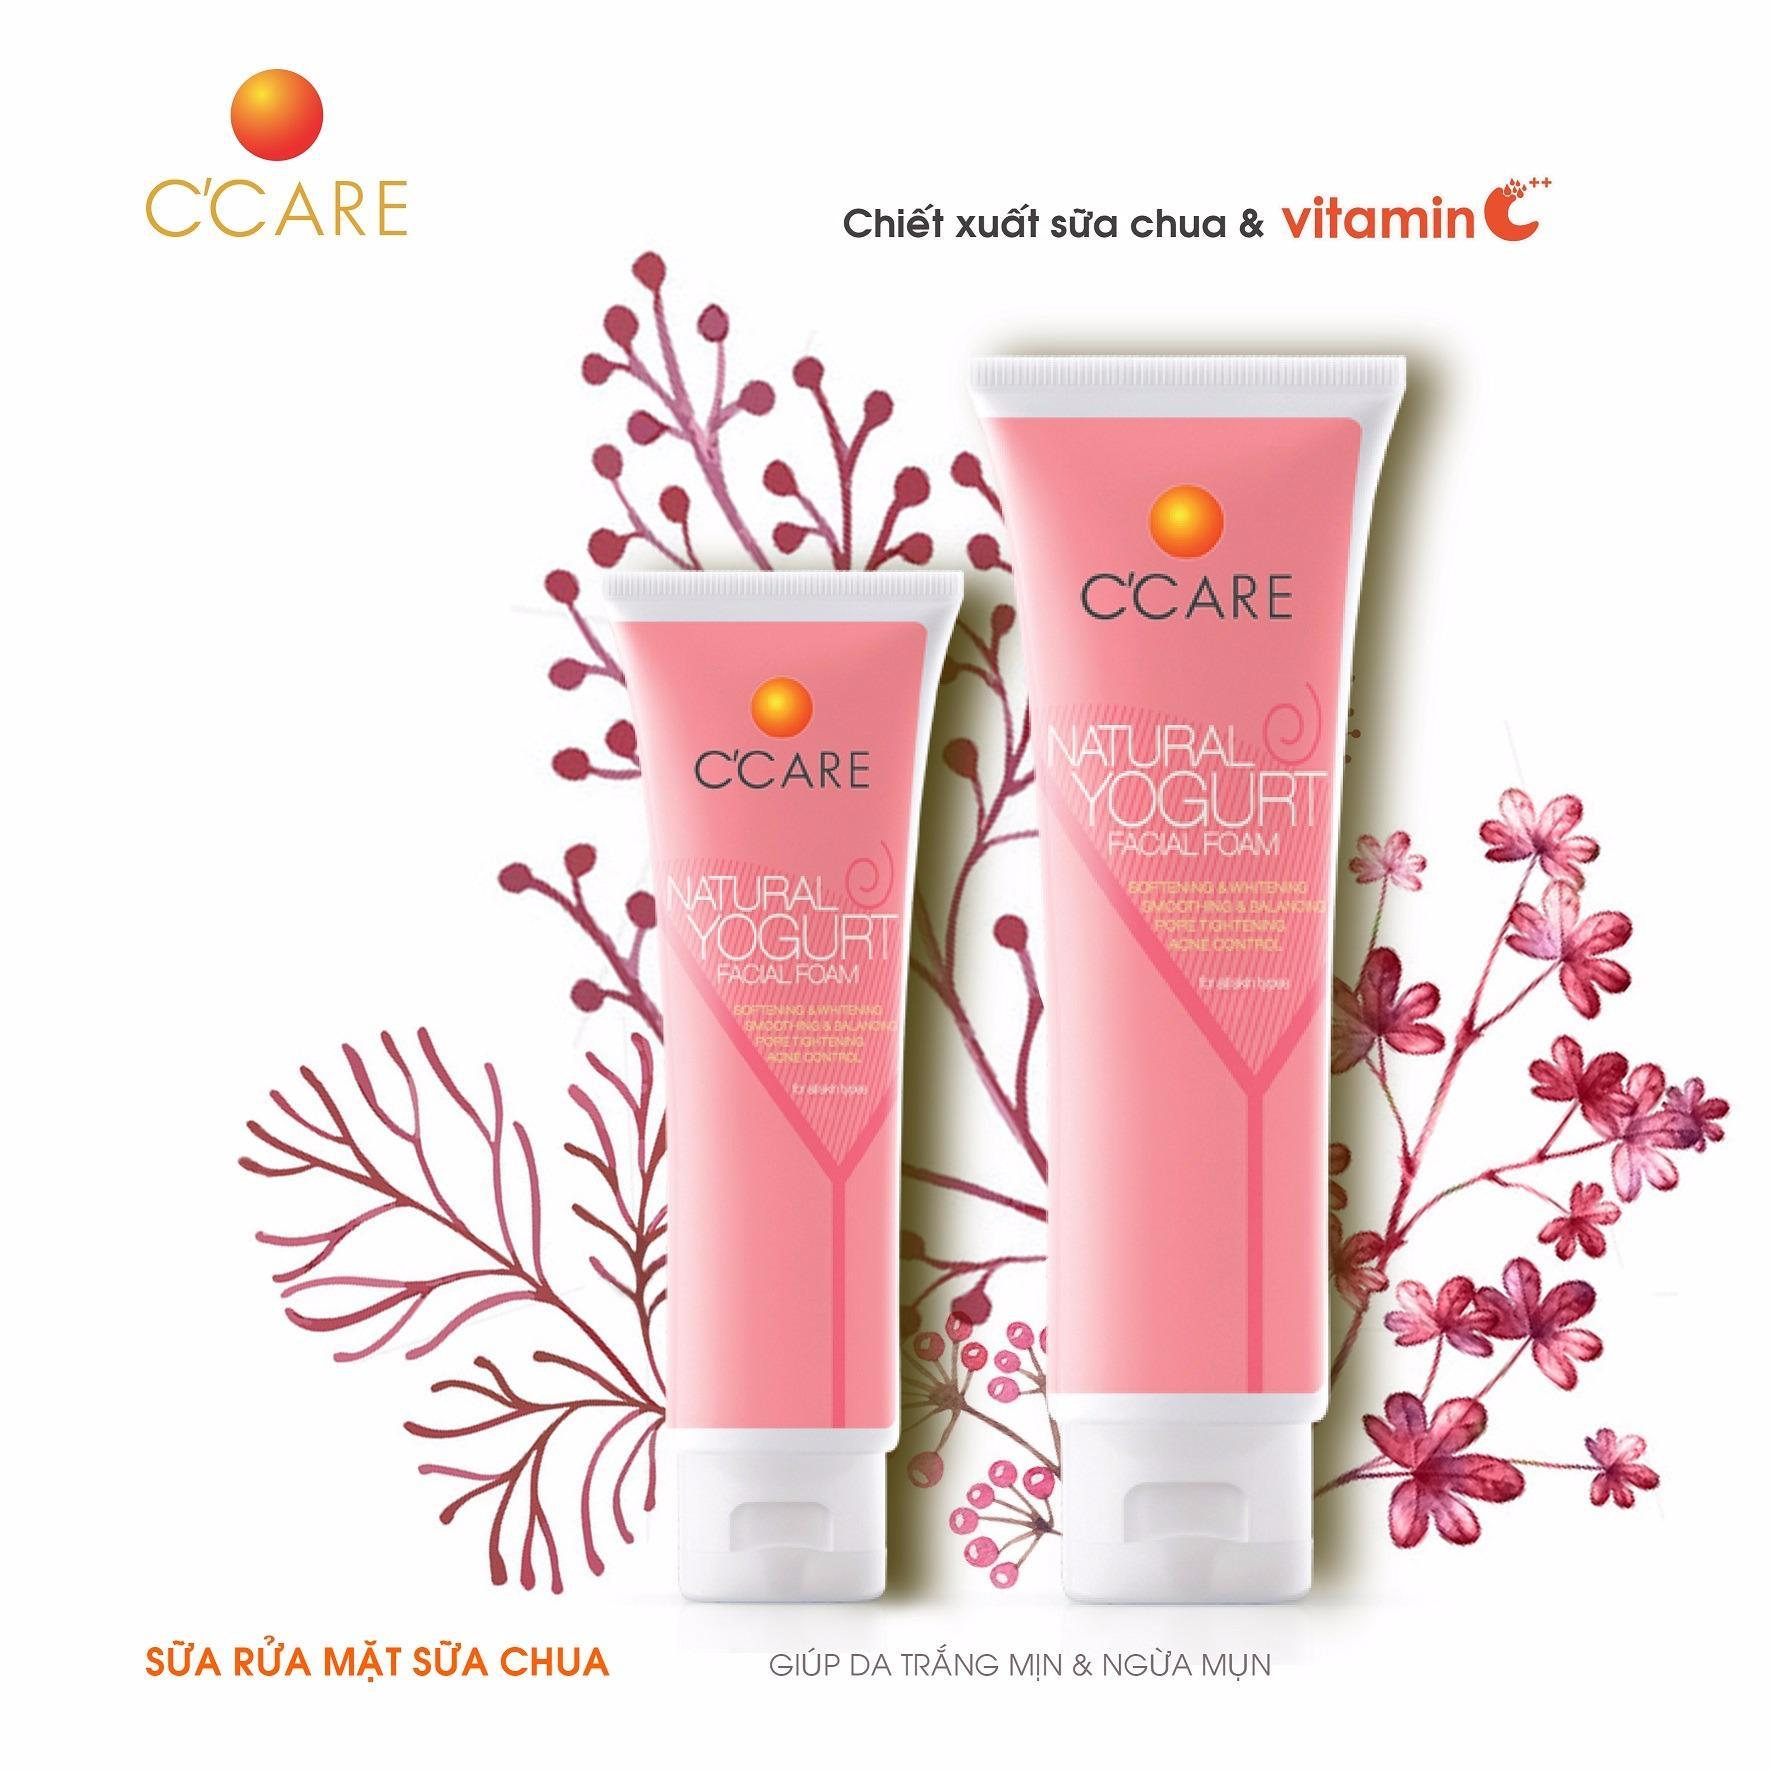 C'Care Sữa rửa mặt Sữa chua 50g - Chiết xuất sữa chua và Vitamin C